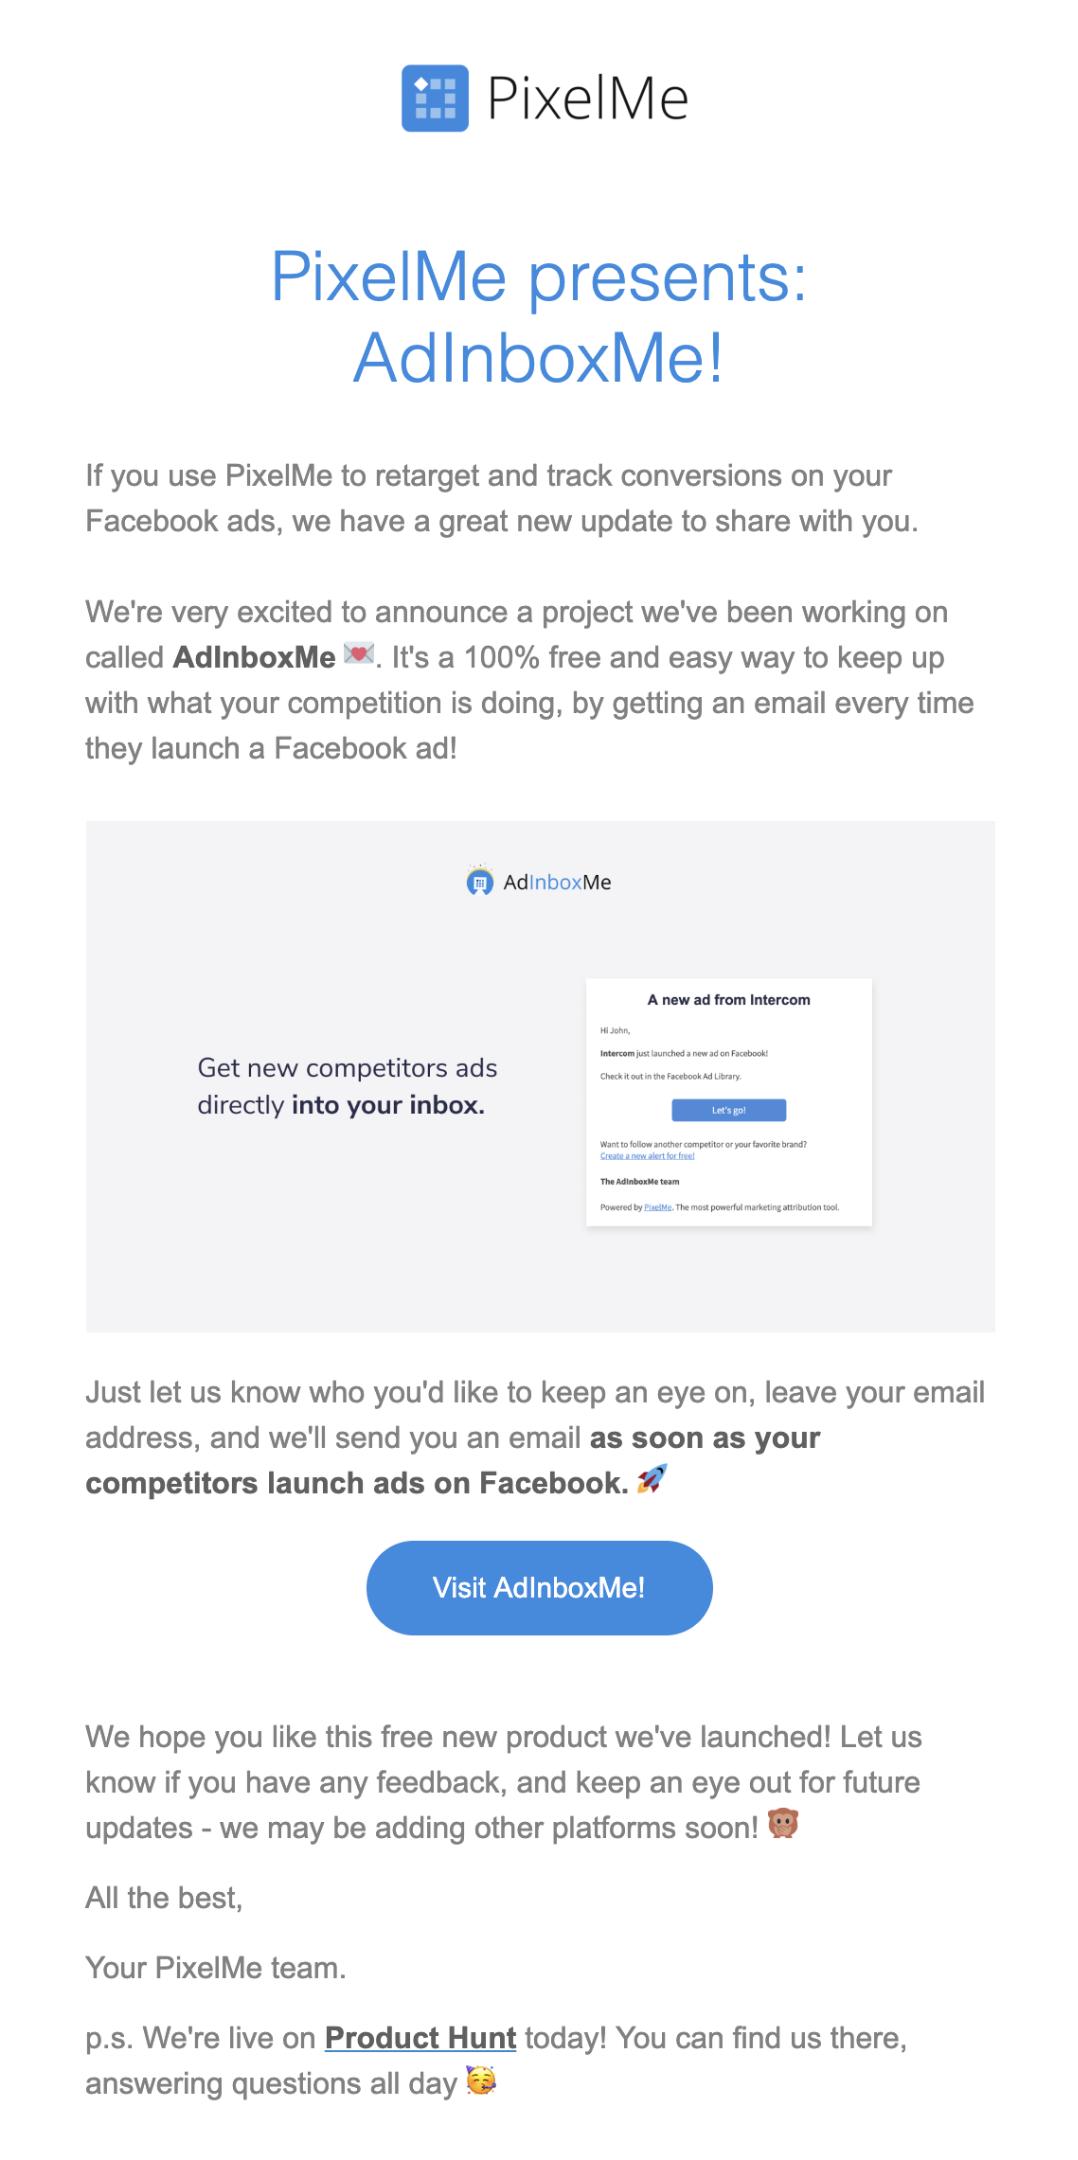 PixelMe email